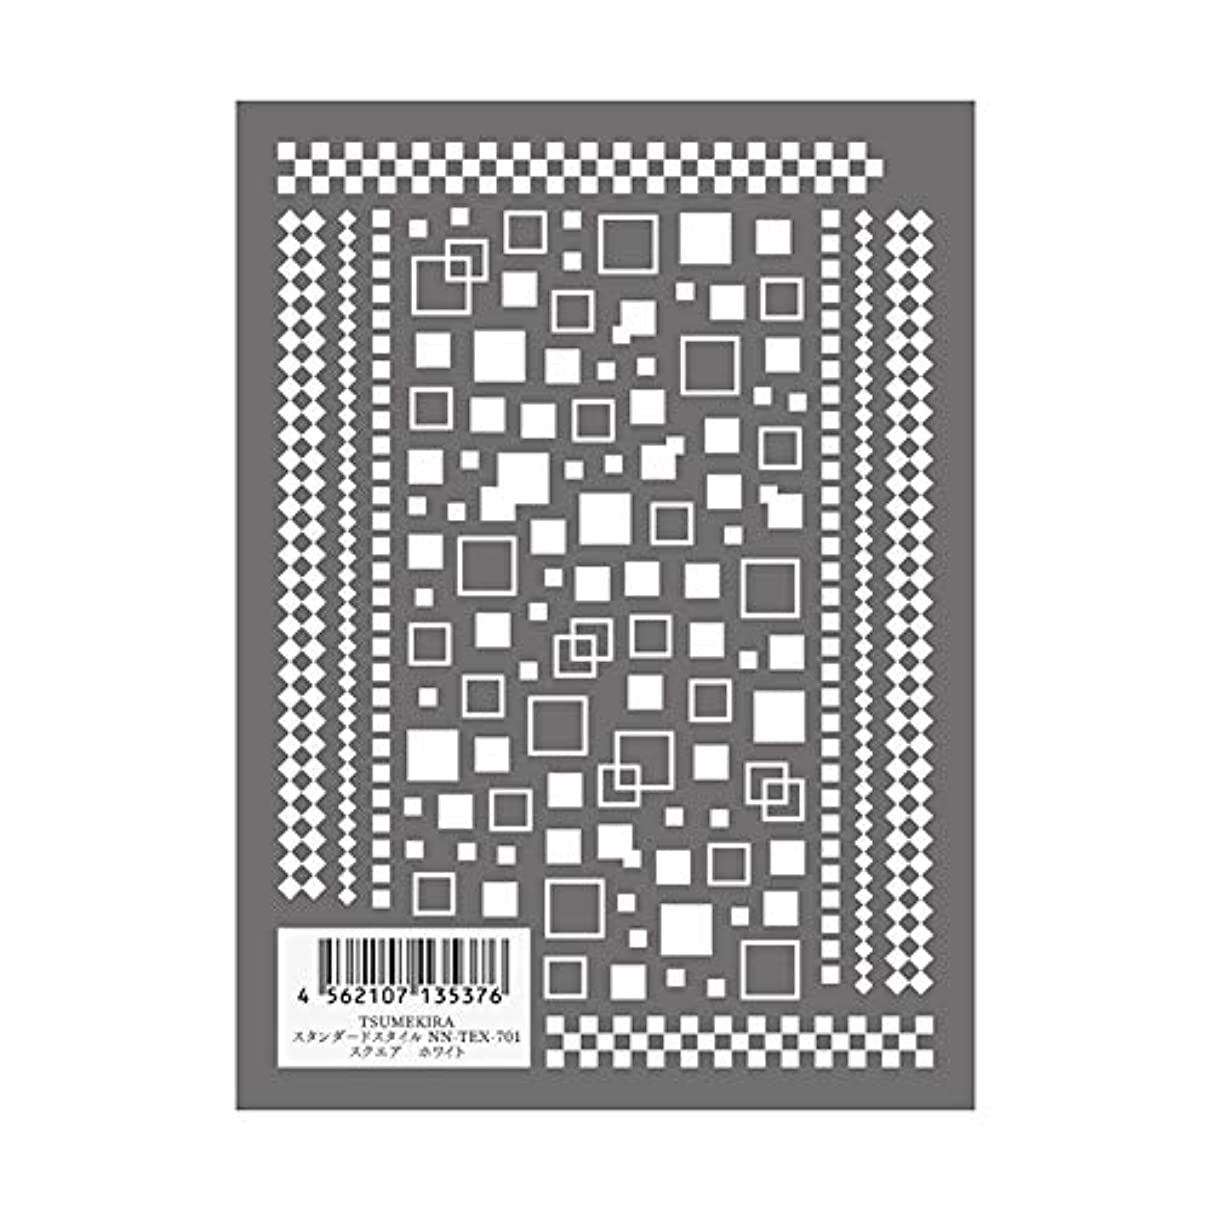 ぼかし意識コーヒーTSUMEKIRA(ツメキラ) ネイルシール スクエア ホワイト NN-TEX-701 1枚